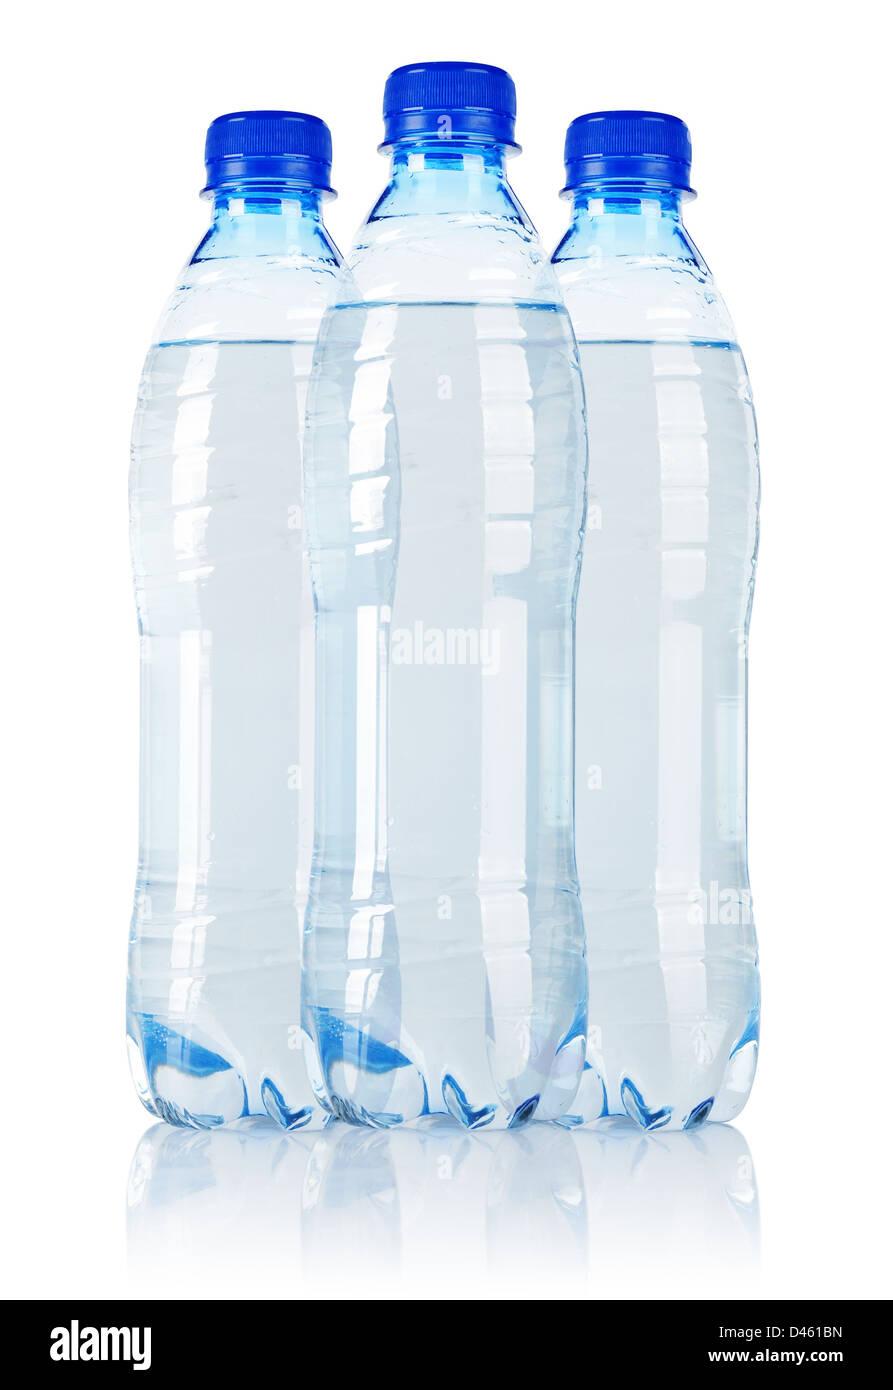 3 bouteille d'eau de soude isolé sur fond blanc Photo Stock